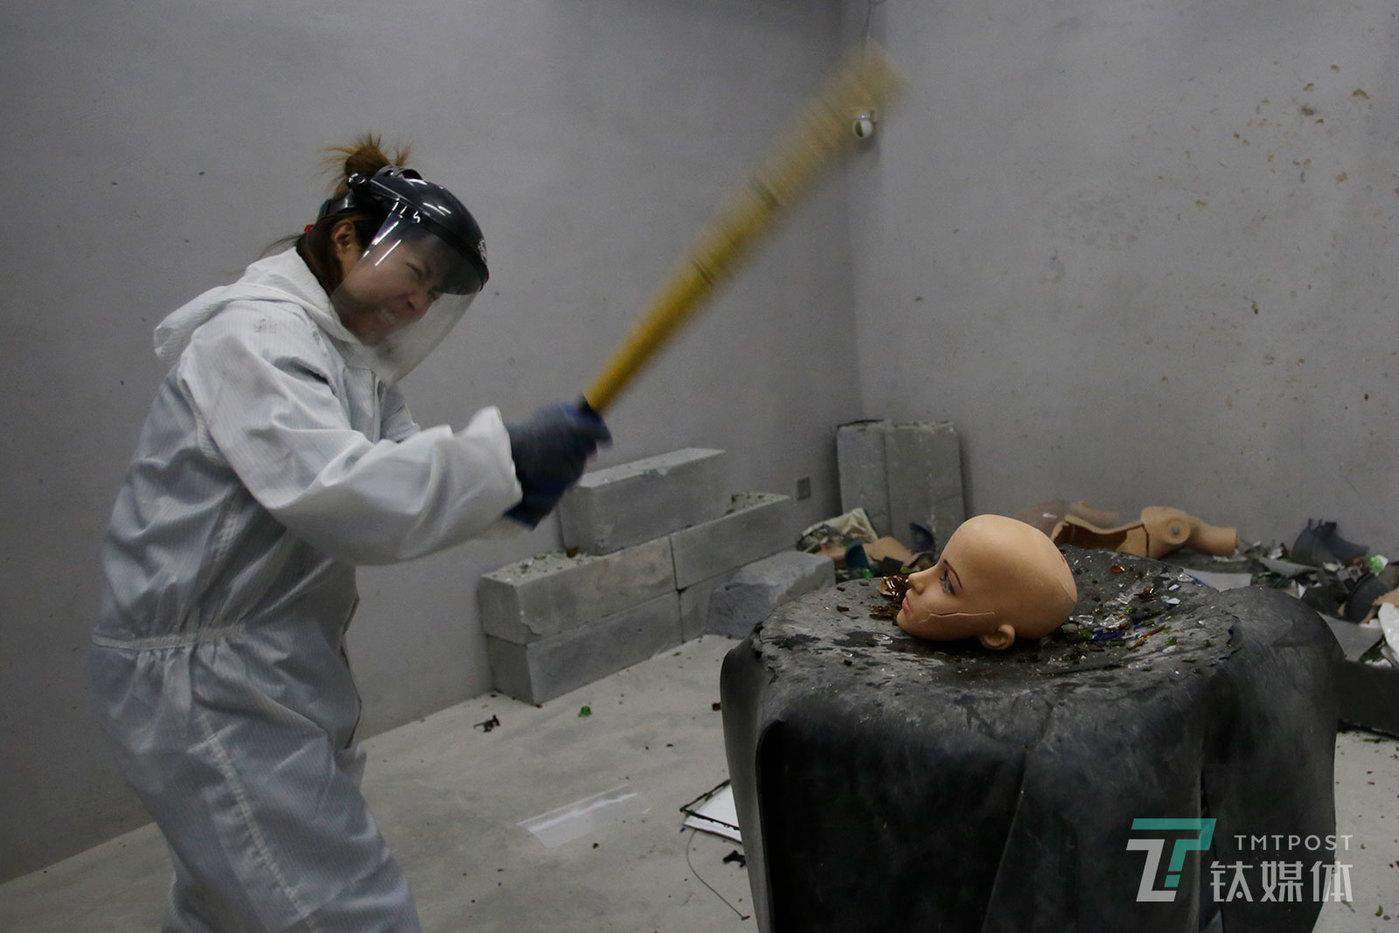 【发泄屋】12月7日,北京798,一名顾客在Smash发泄屋挥棒打砸。顾客可以在这里花钱随意打砸,也可以自带物品前来打砸。